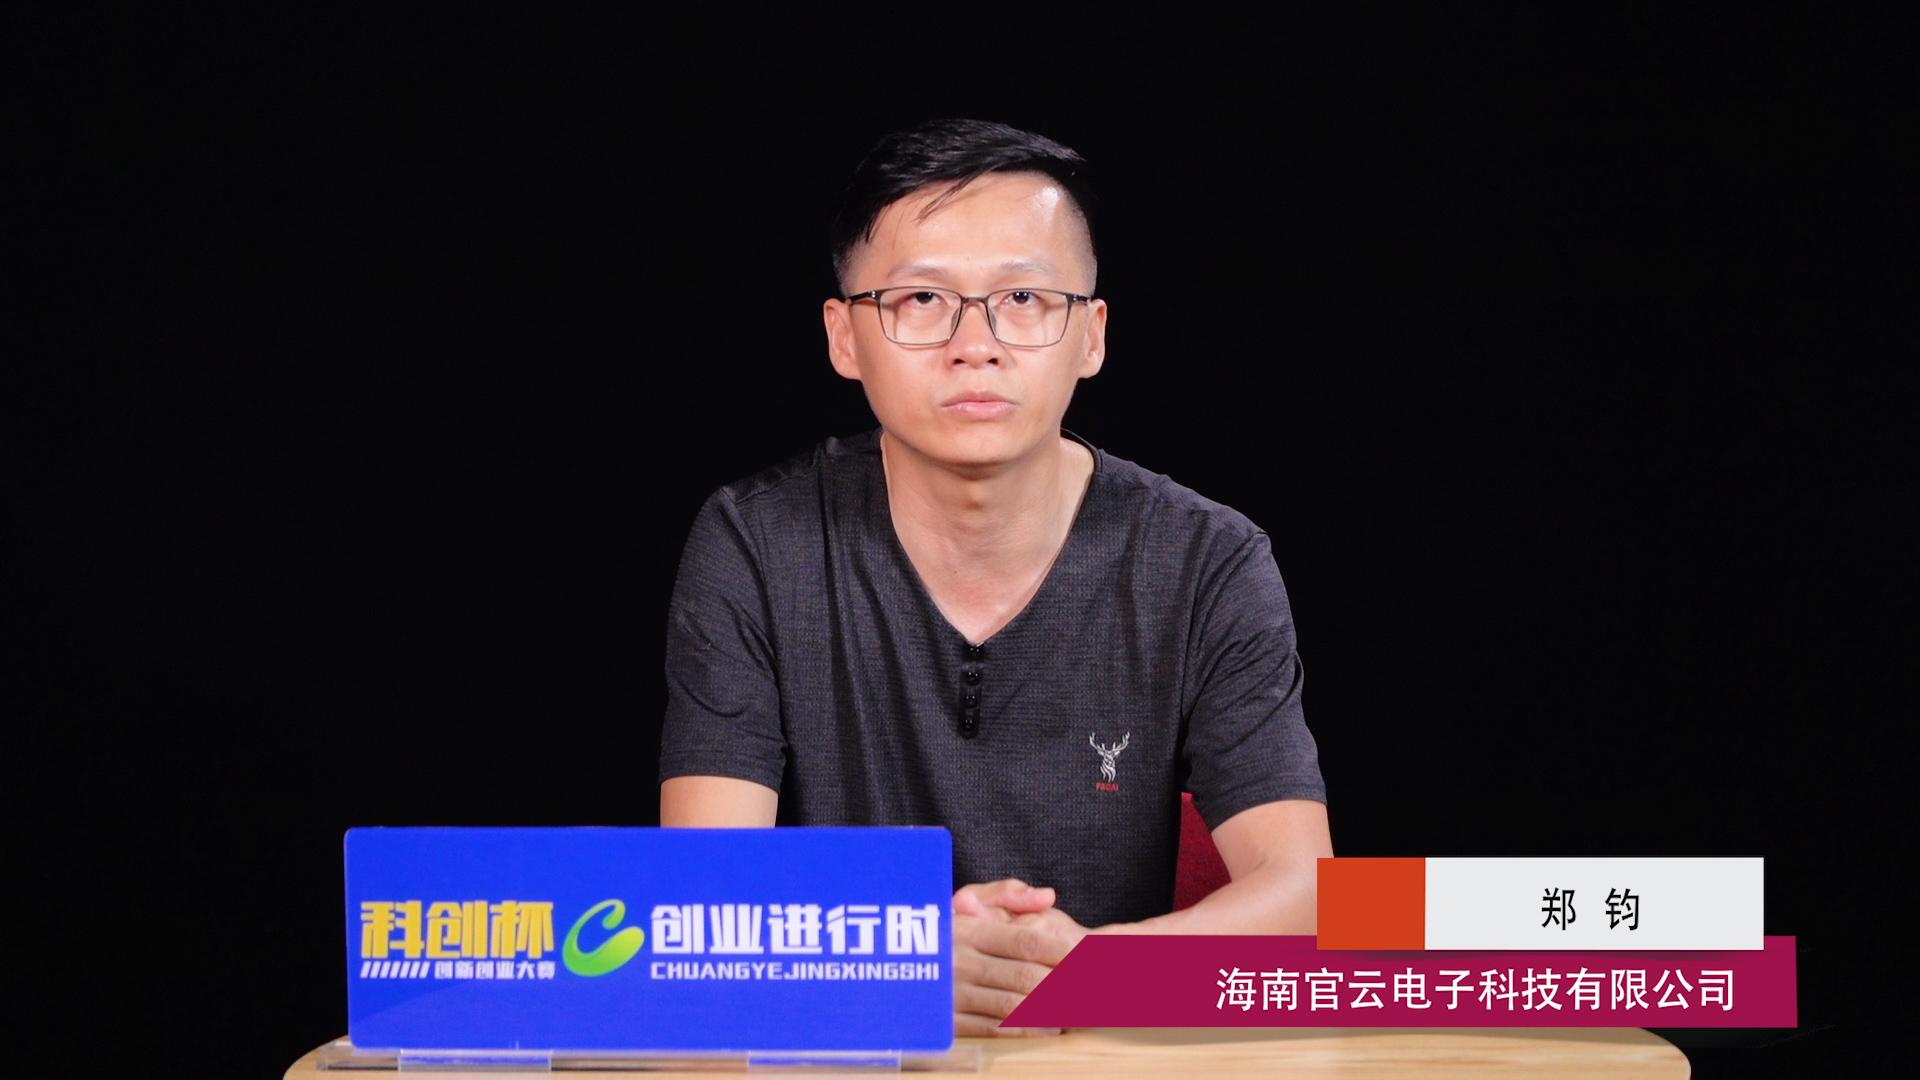 创业进行时|官云电子科技郑钧:创业路上从不停歇